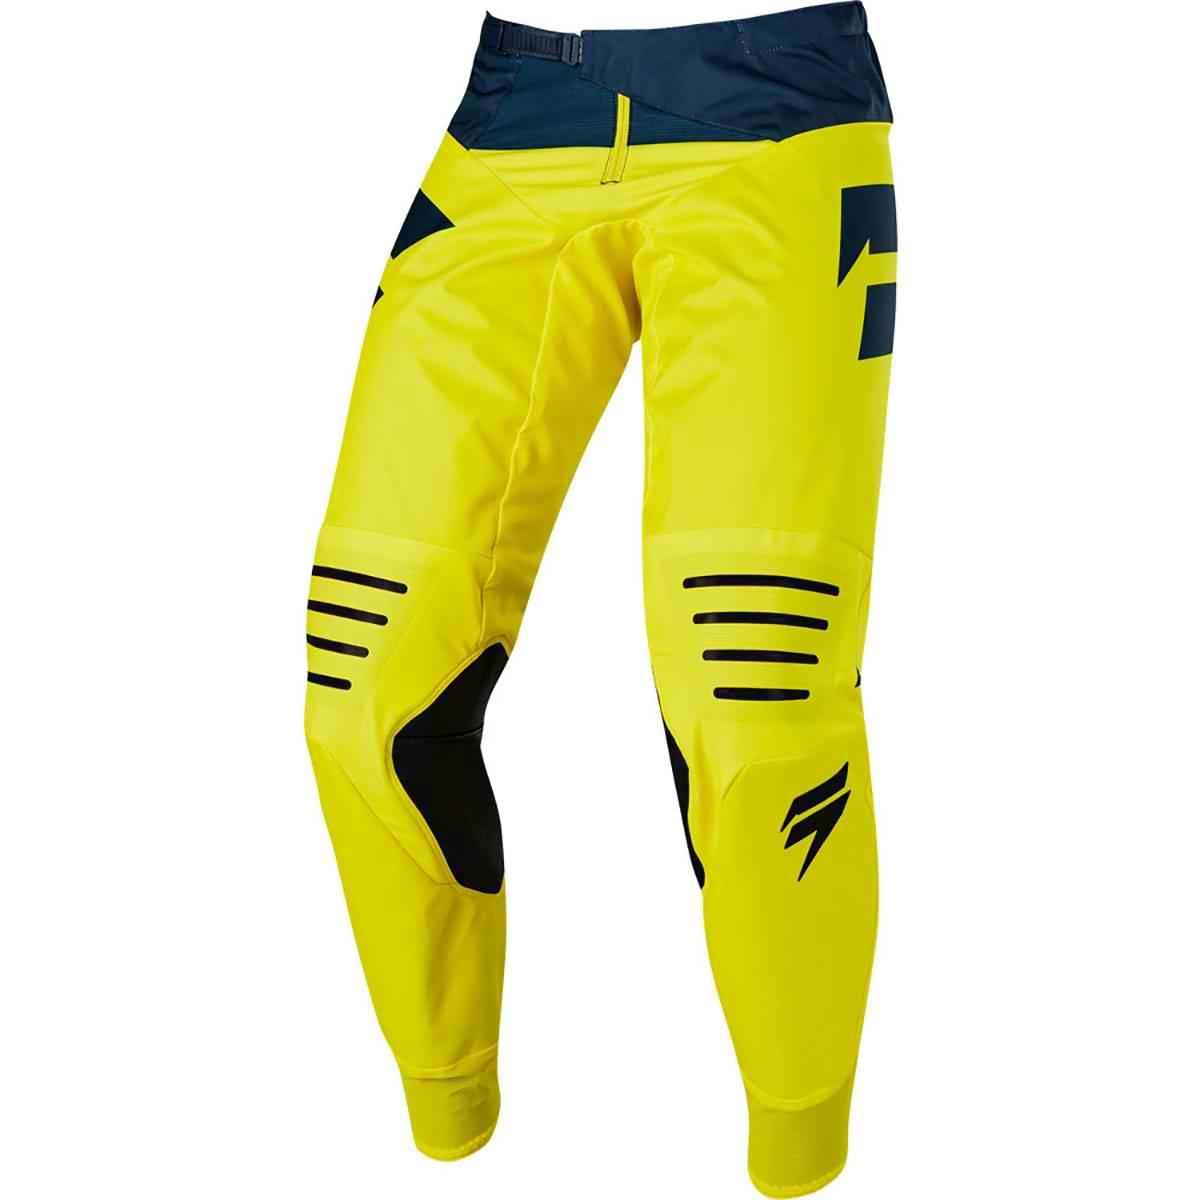 pantalon shift mainline amarillo/azul talle 32